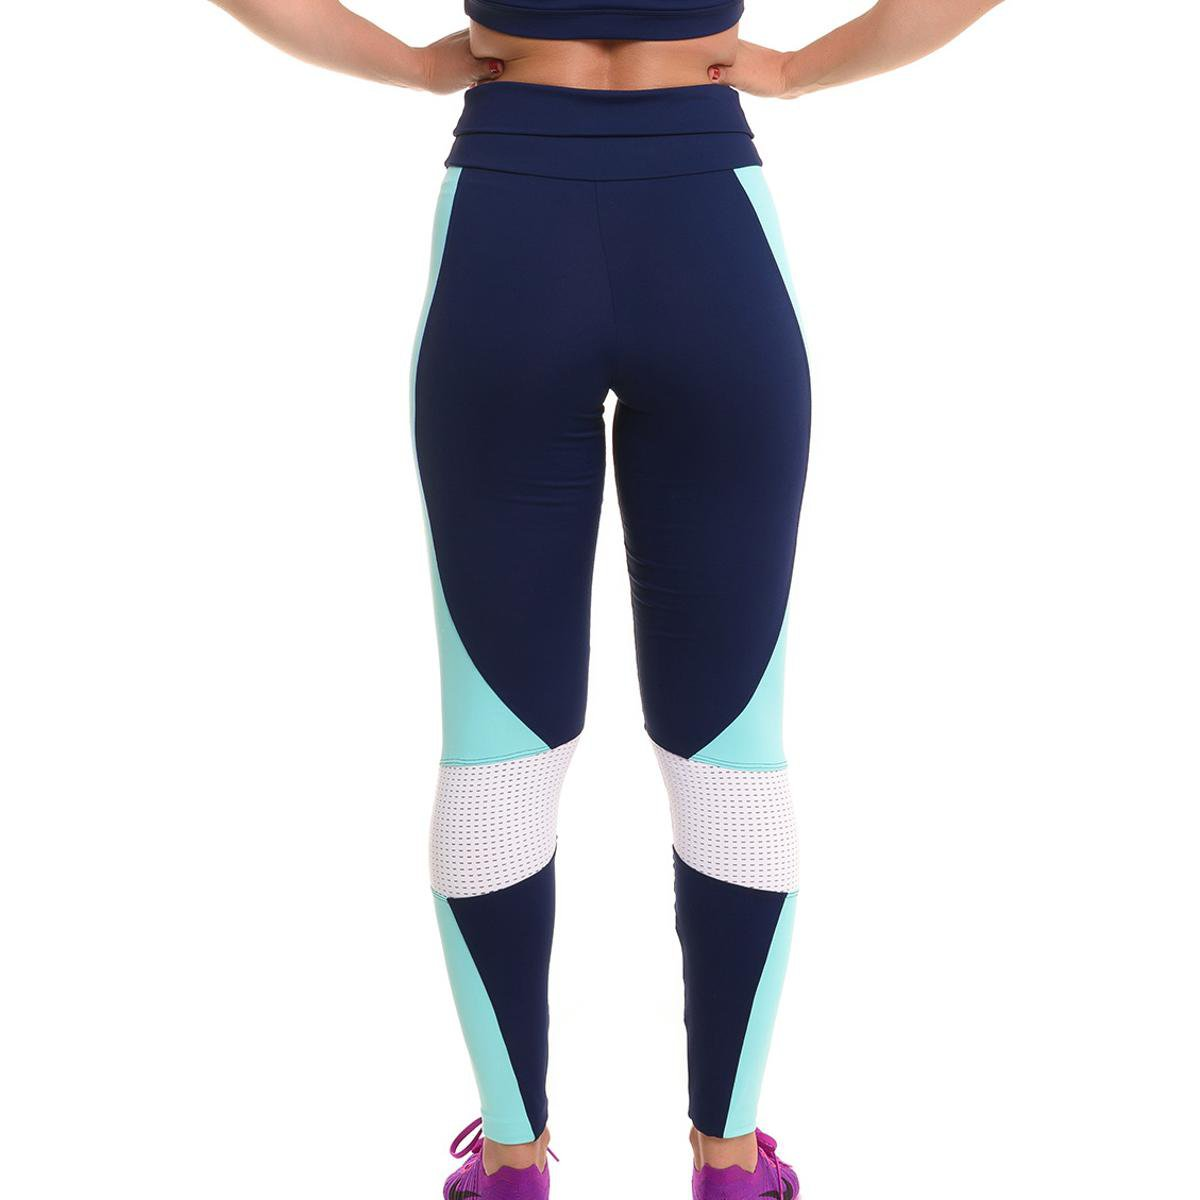 Elegance Proteção com Proteção Solar Legging Sandy Marinho Legging Calça Calça com xnUA58qOwn